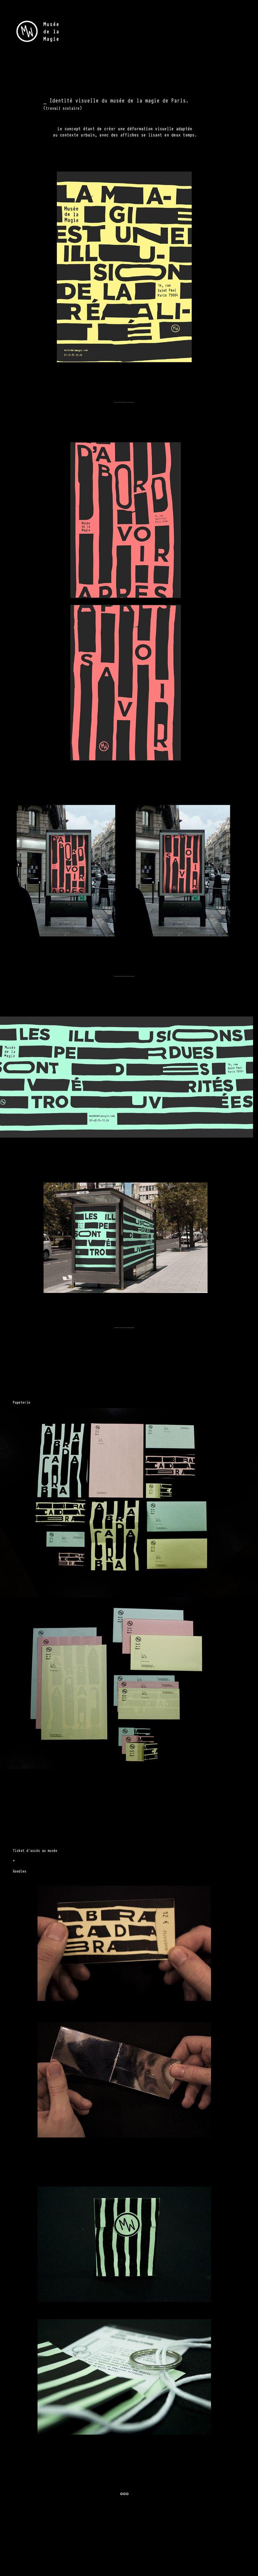 Identité visuelle du Musée de la magie à Paris (travail scolaire).L'idée est de travailler au tour de la déformation.Les déformations s'adaptent au contexte urbain pour créer une lecture en deux temps appuyant l'image de tour de magie.